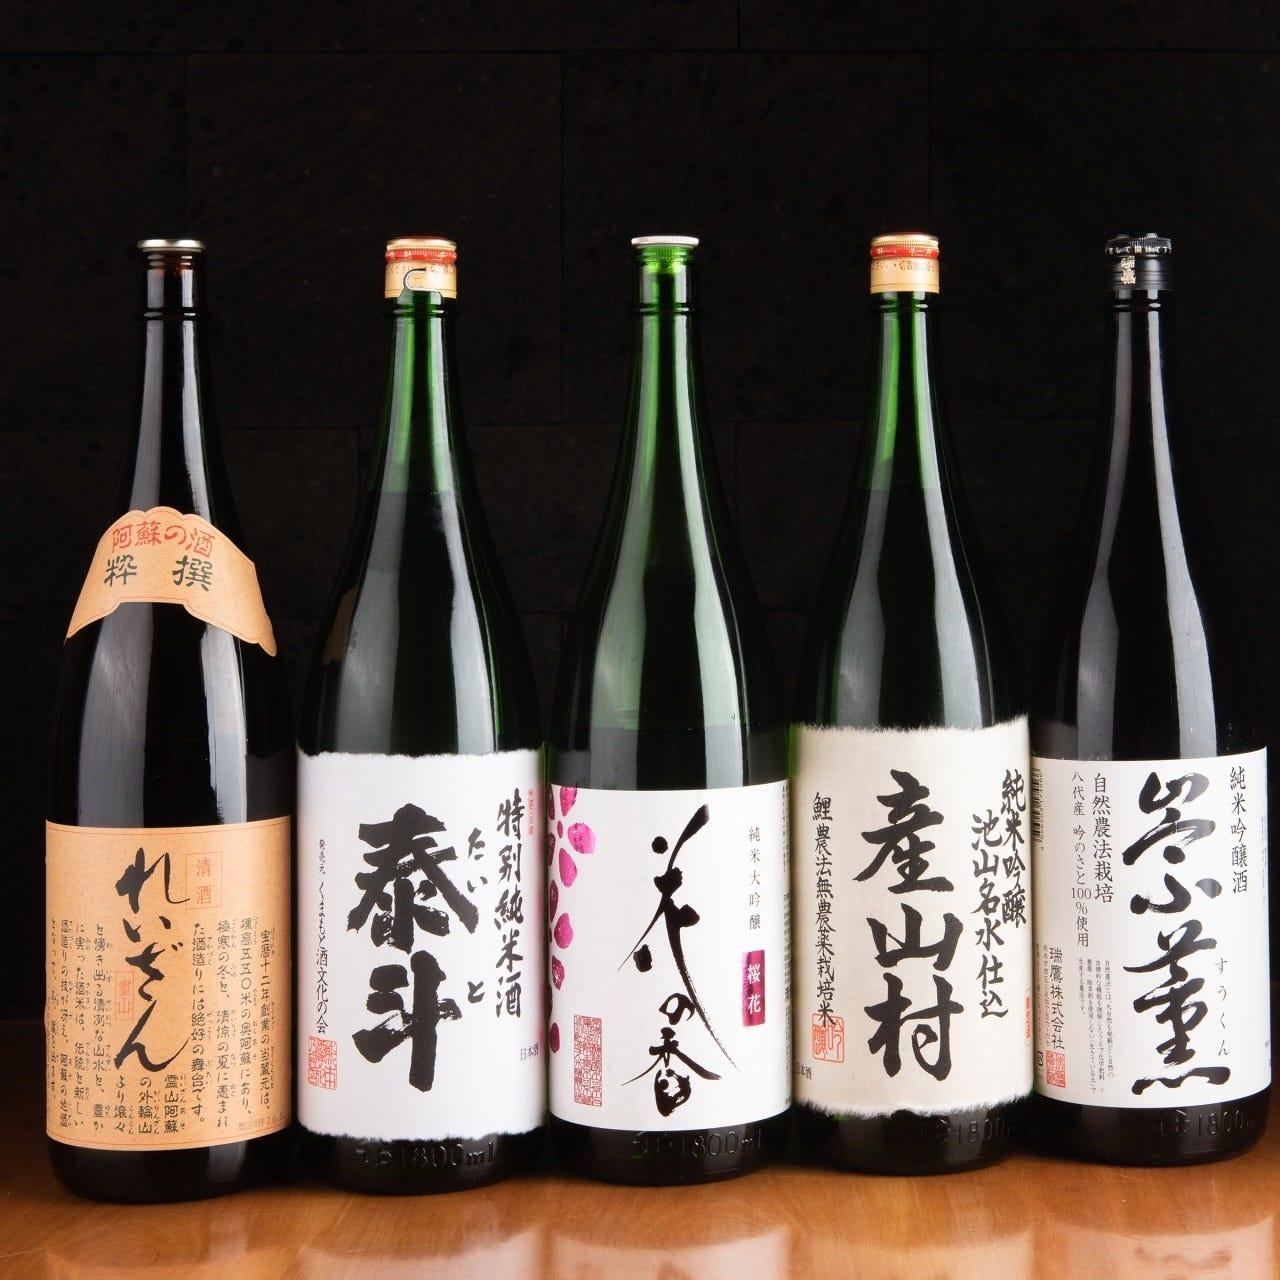 熊本地酒など種類豊富な日本酒が自慢